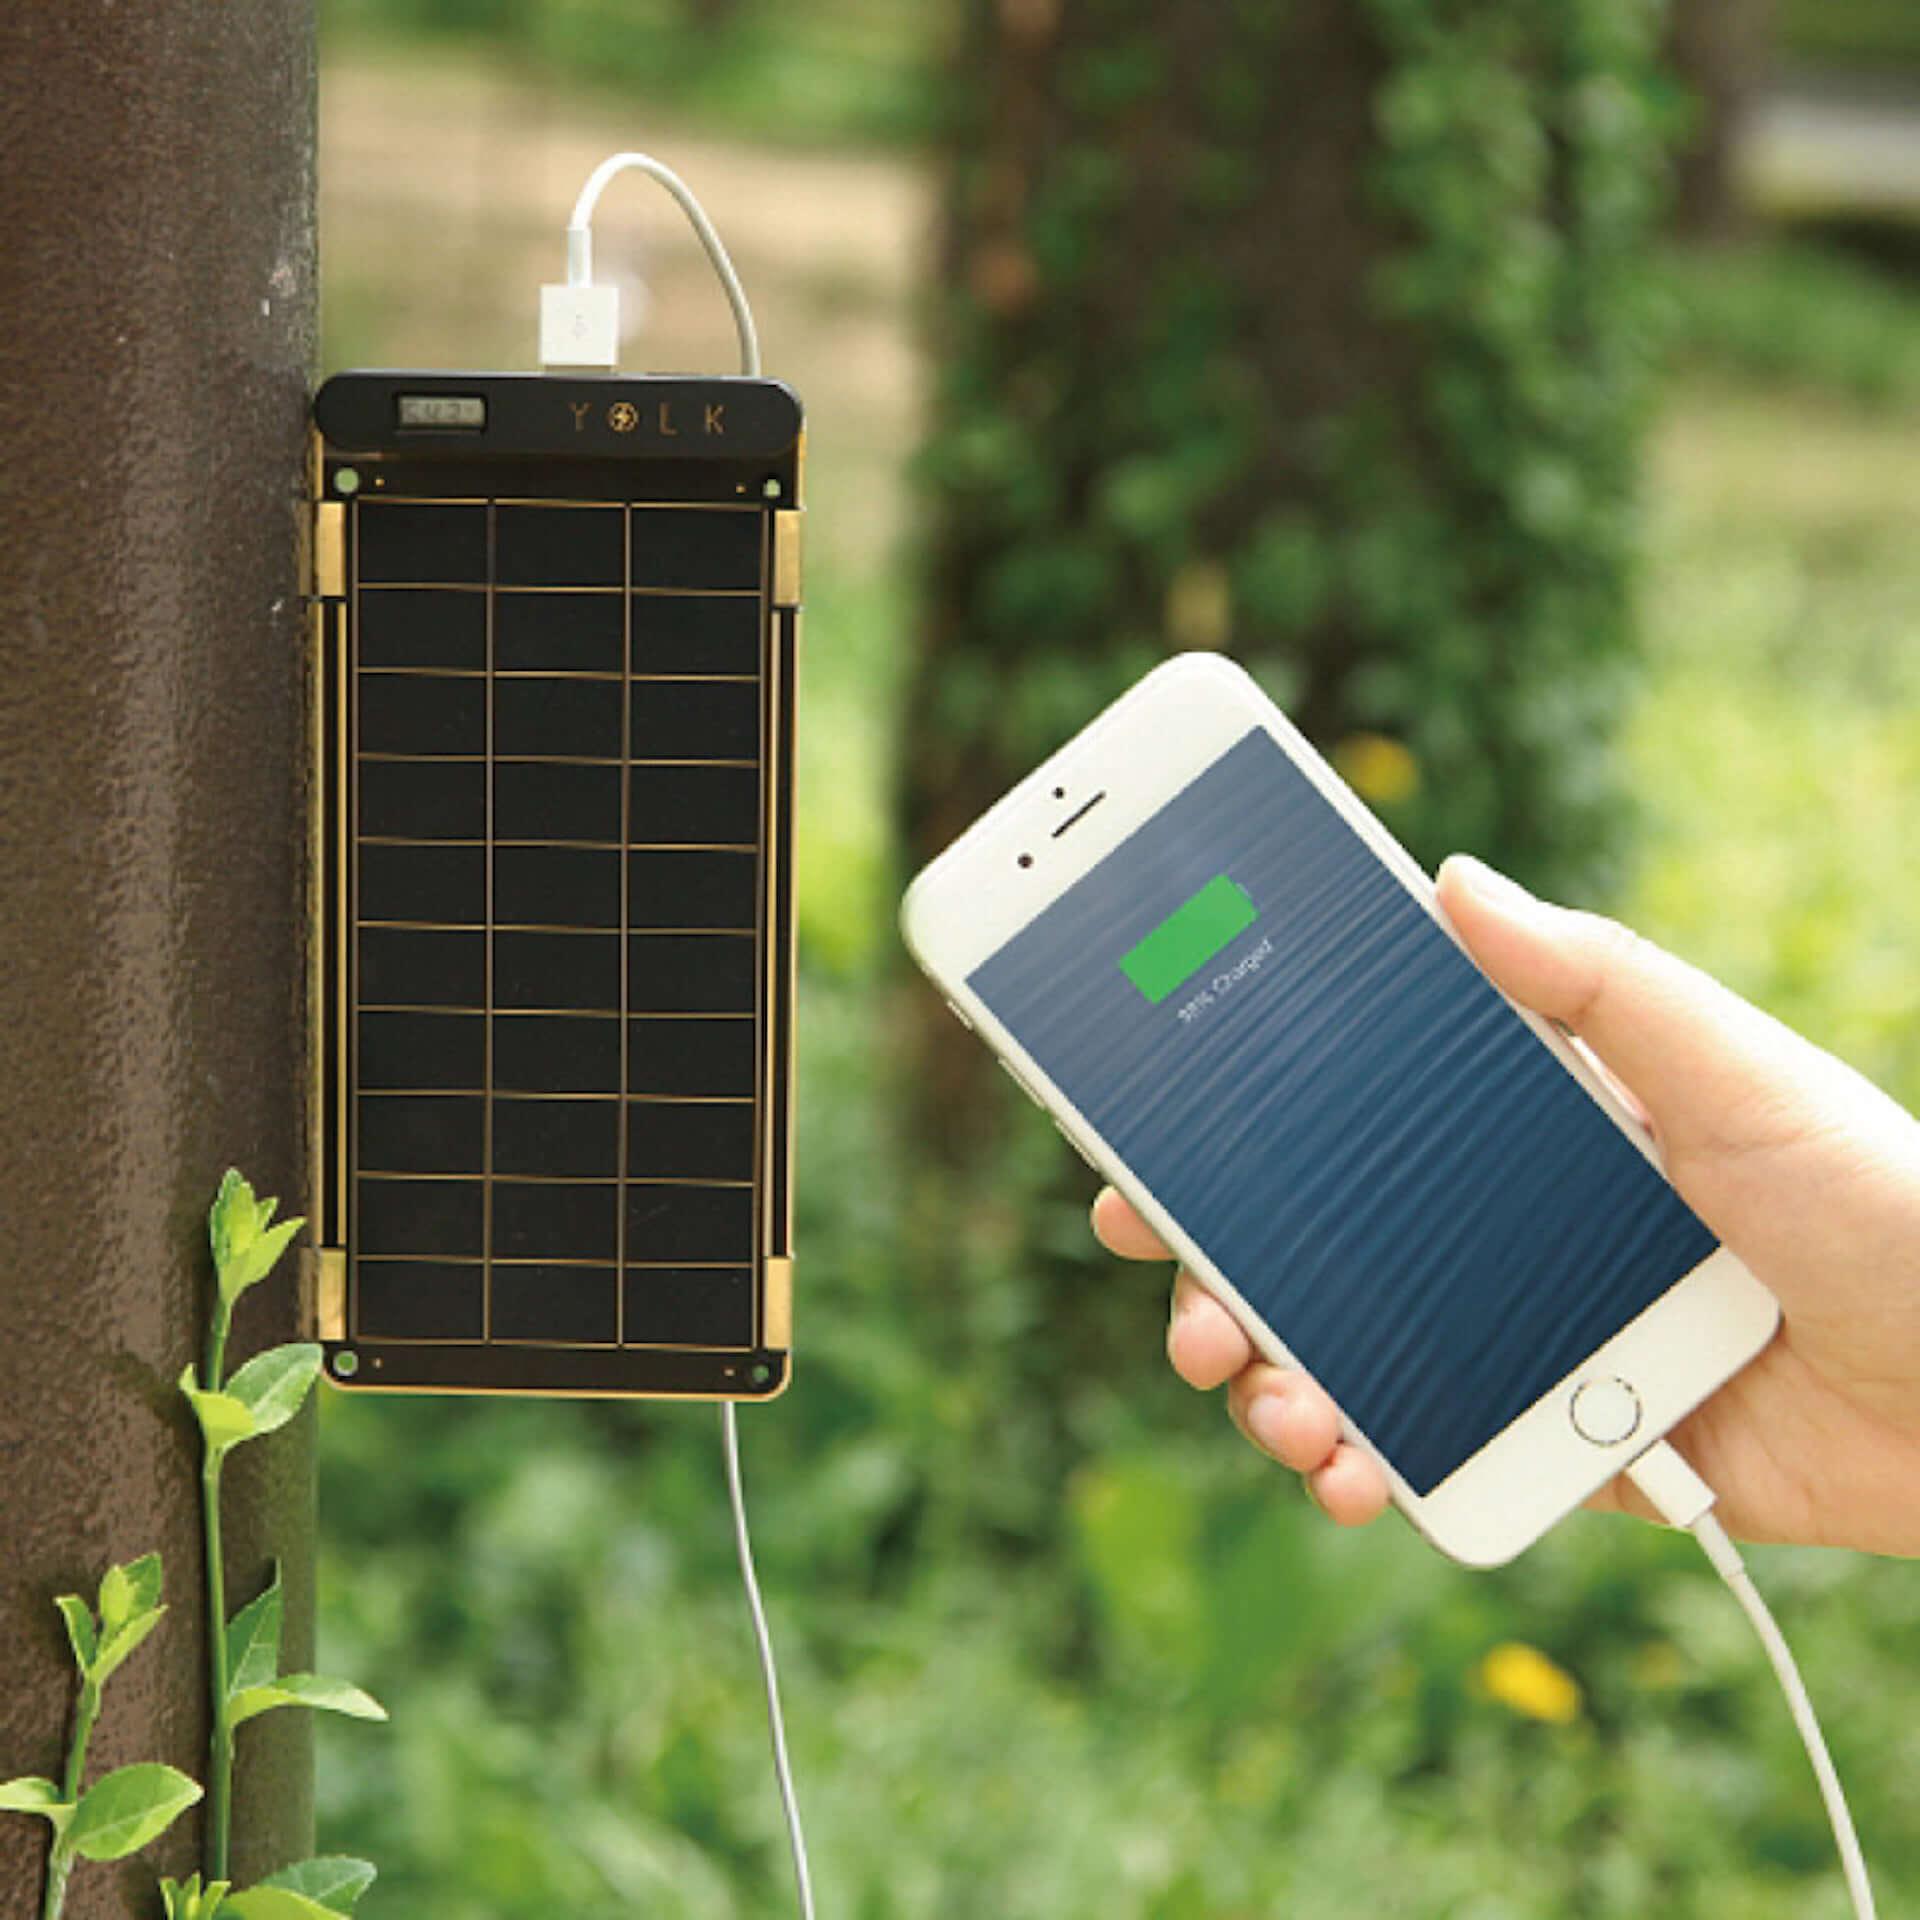 世界最薄・最軽量!家庭用コンセント同等の充電スピードを誇る、高性能ソーラーチャージャー「YOLK Solar Paper」が登場 technology190821yolk-solar-paper_1-1920x1920